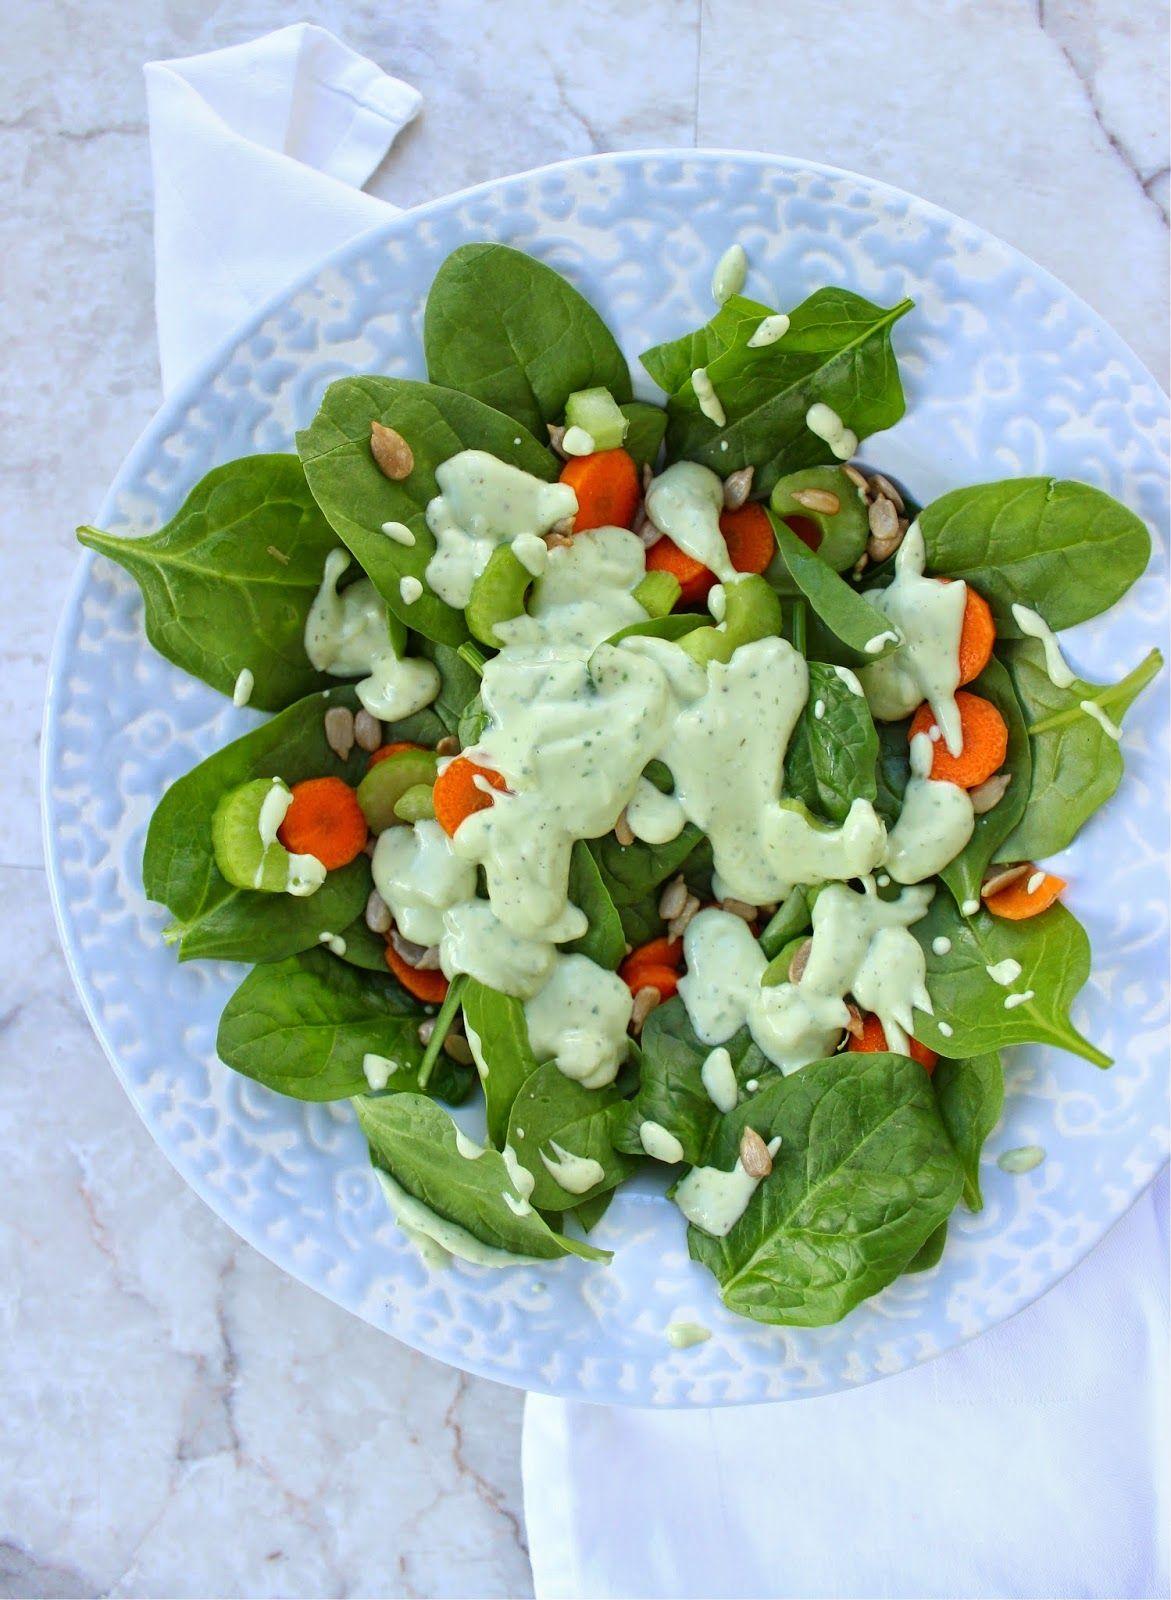 Healthy homemade avocado ranch dressing homemade avocado